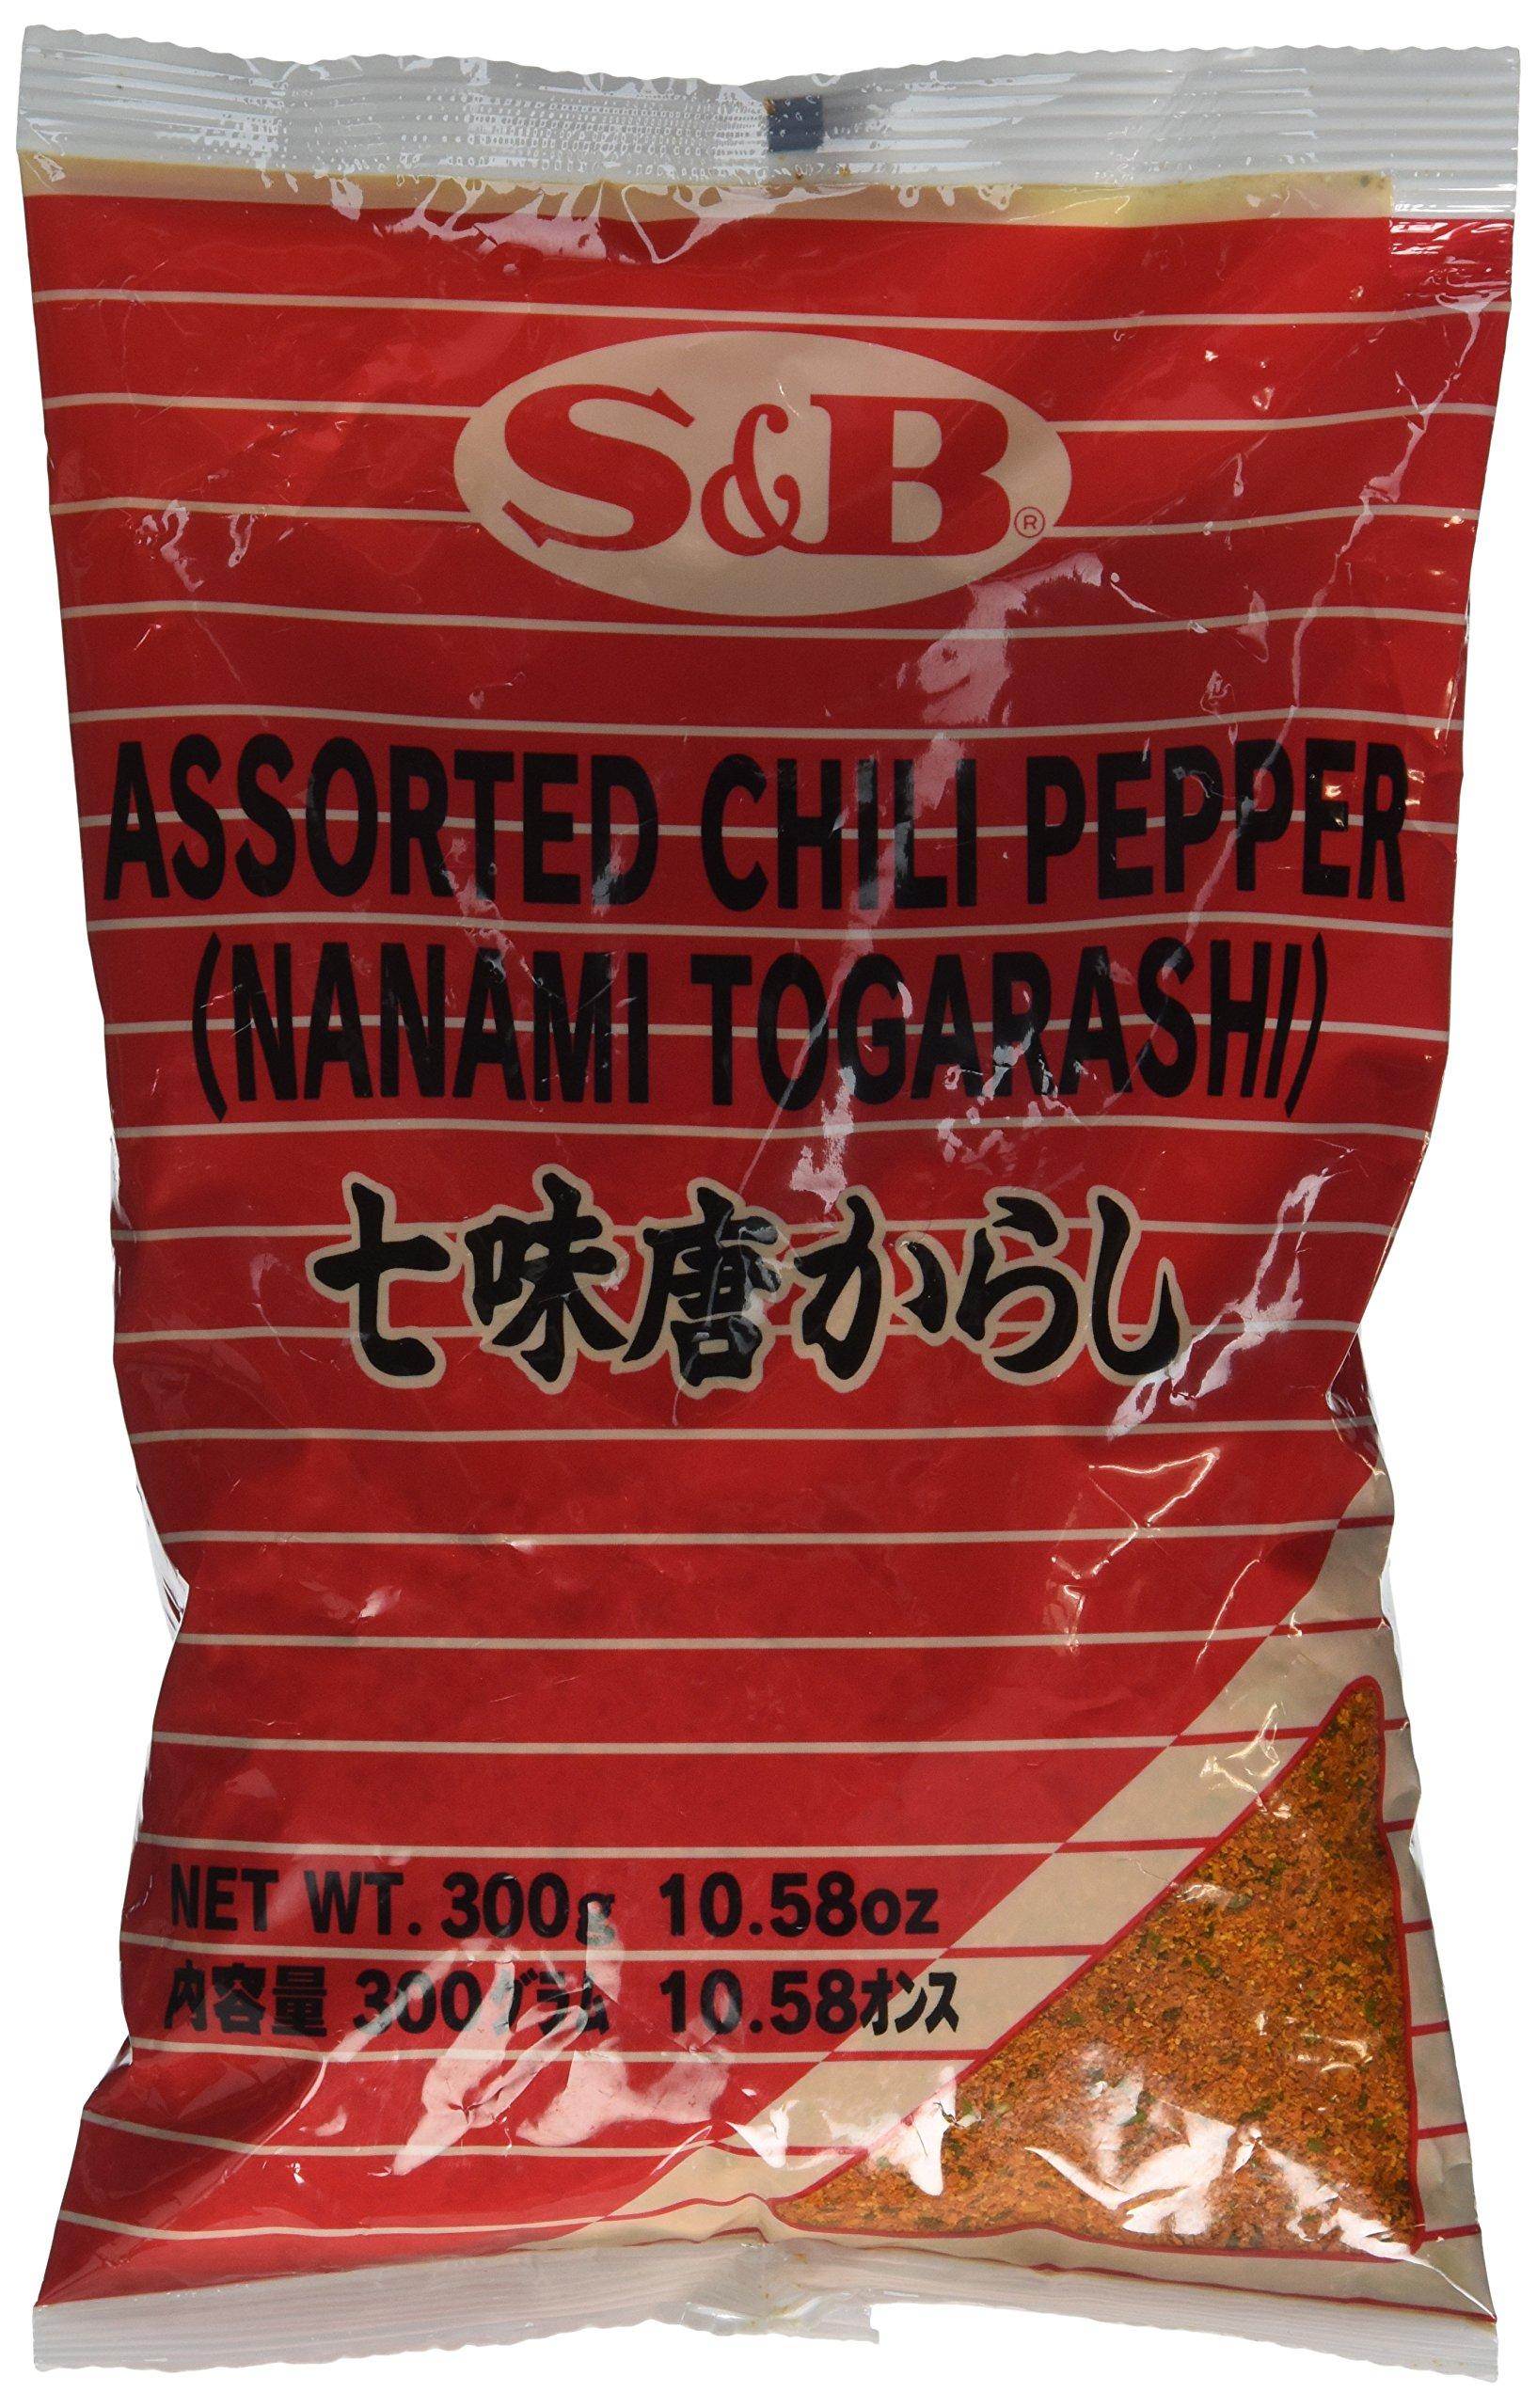 7 Pepper Spice Mix (Nanami / Schichimi Togarashi) - 1 bag, 10.58 oz